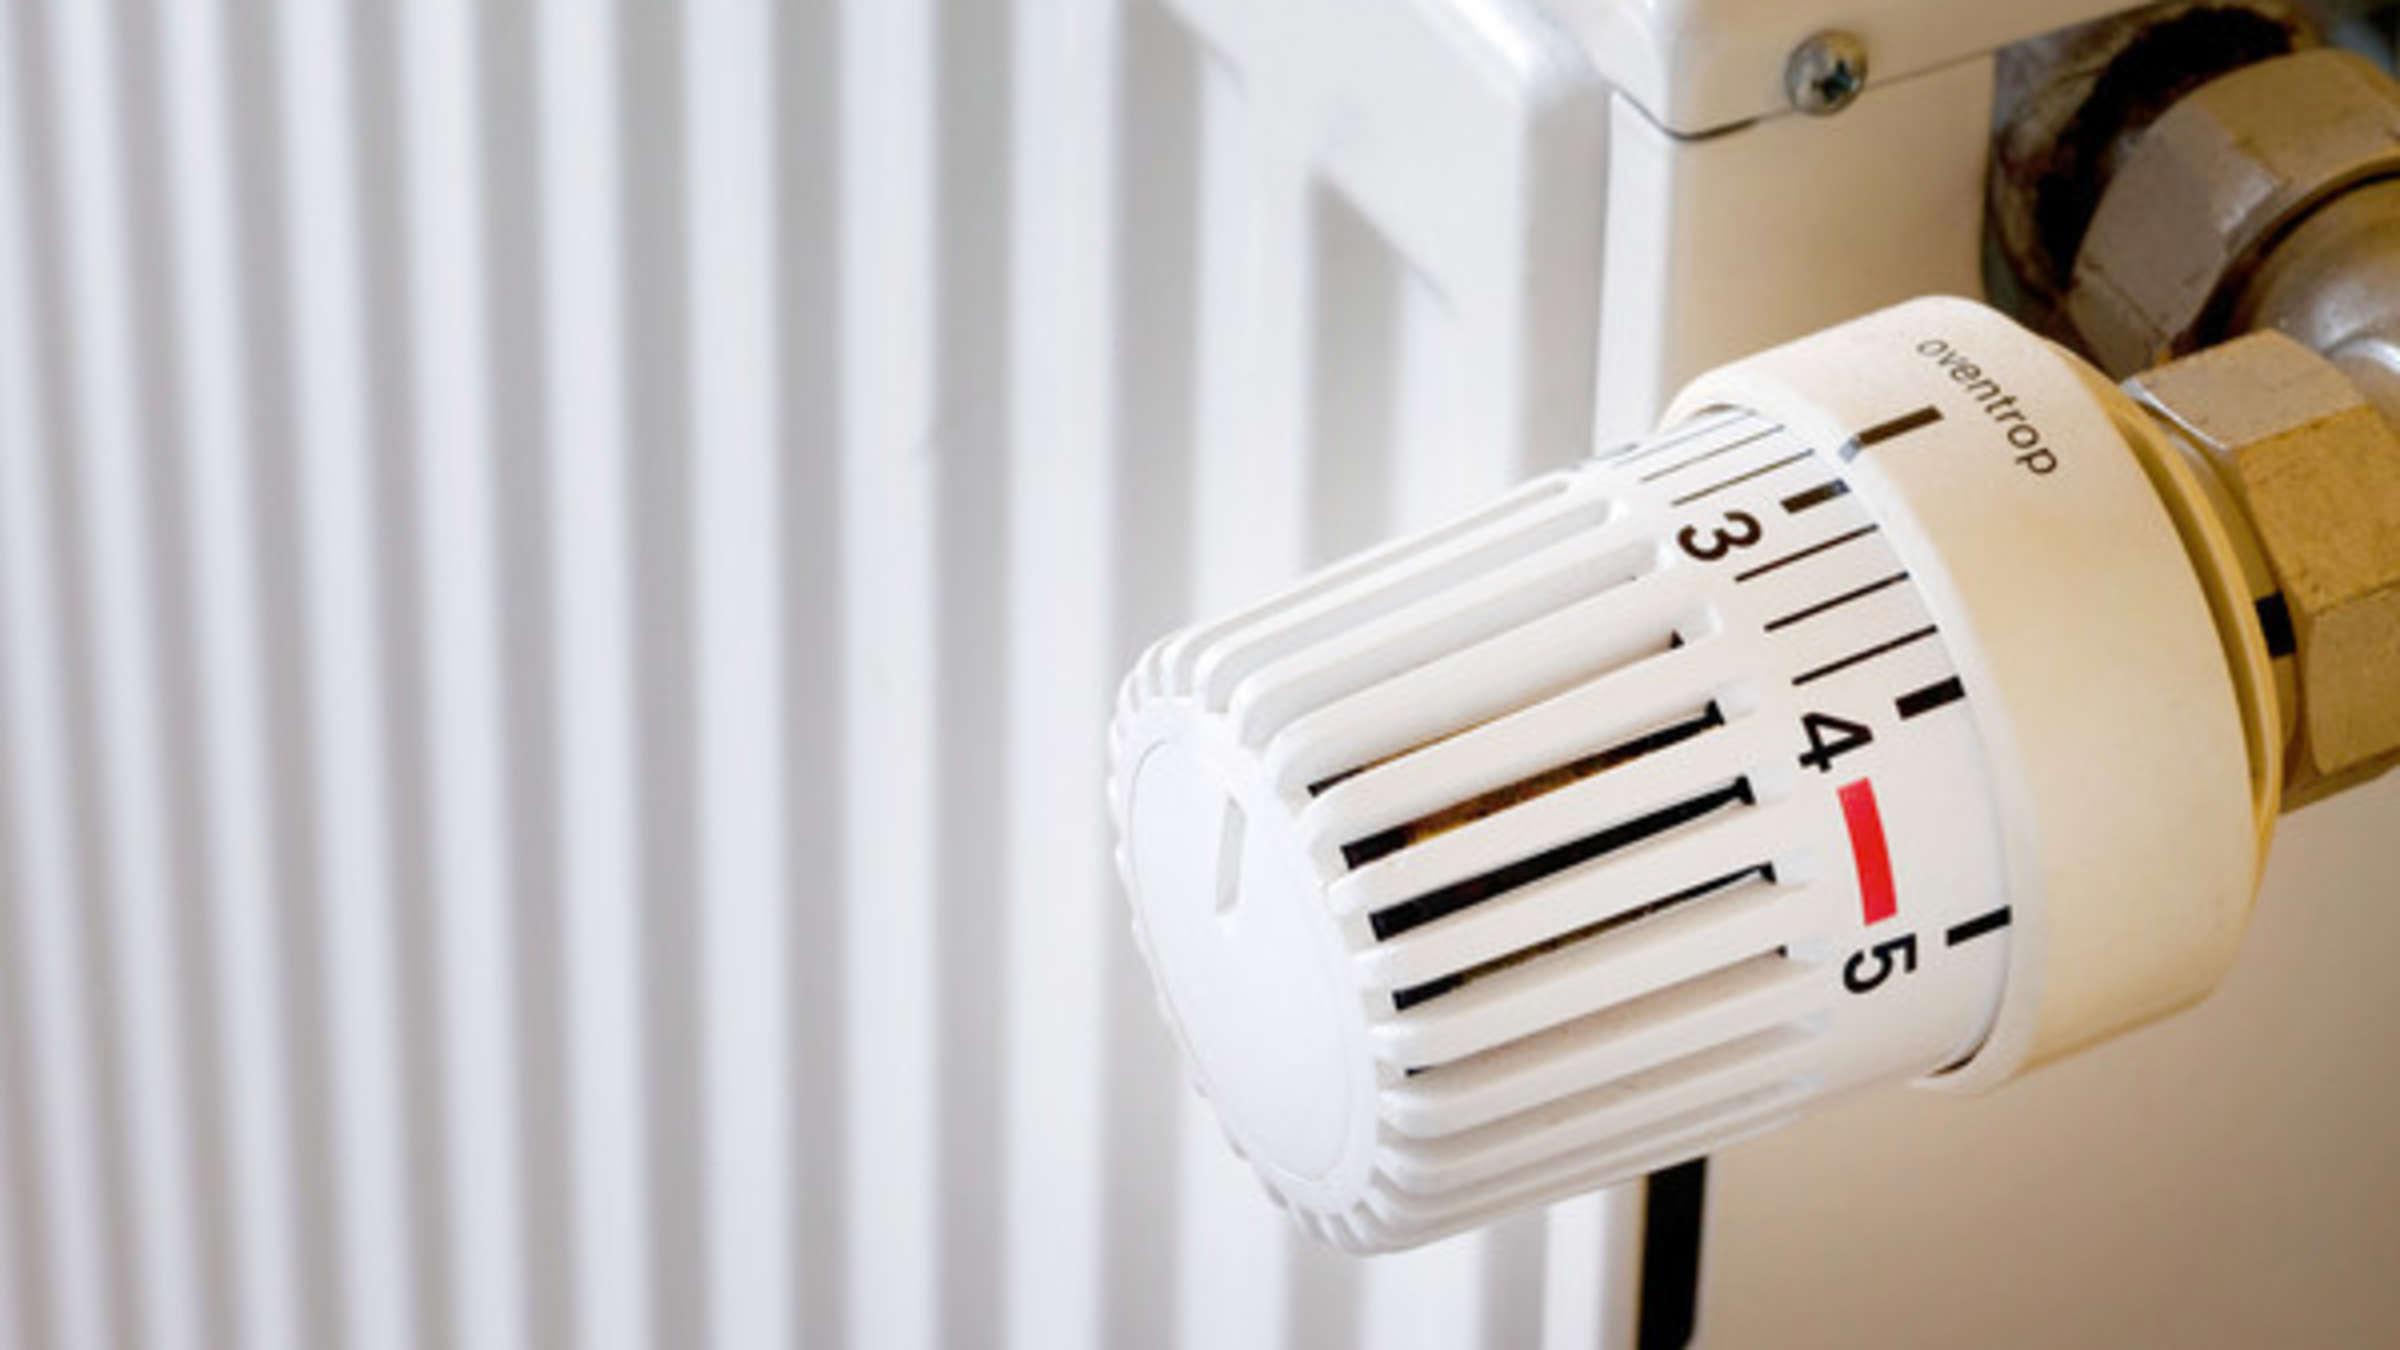 Luftfeuchtigkeit in Räumen: Was sind optimale Werte und wie